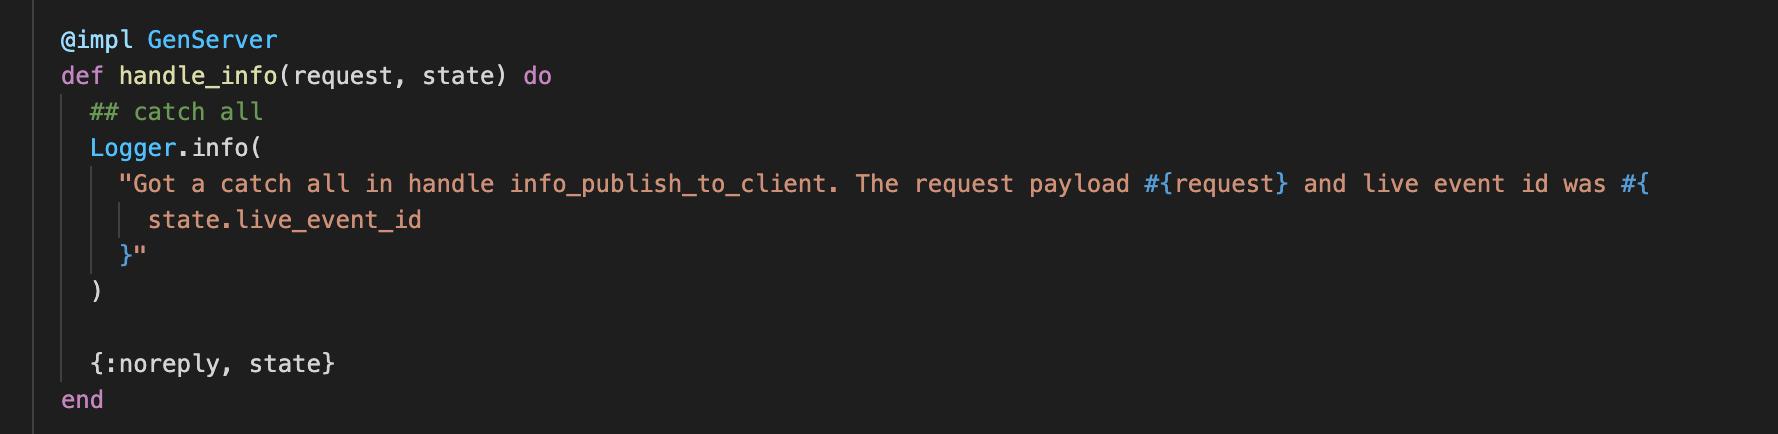 protocol-code-bug.png